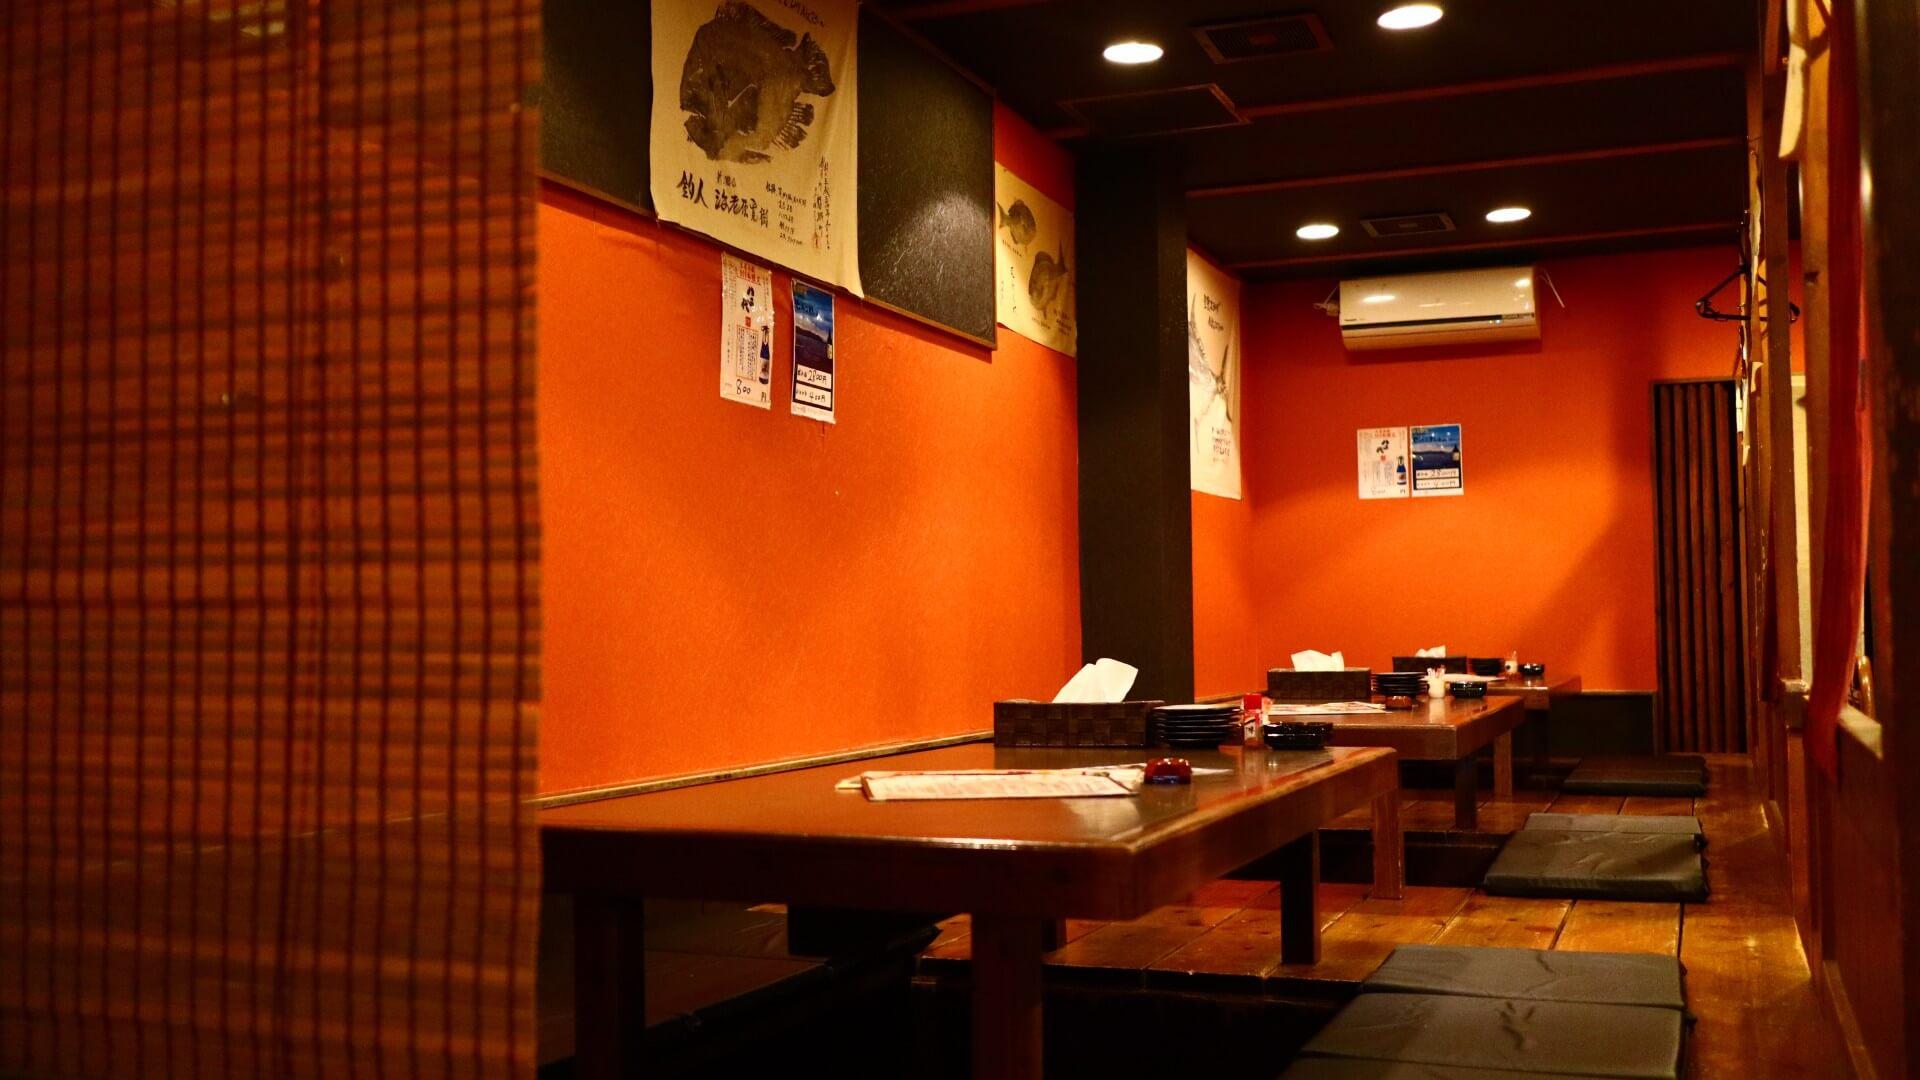 奄美大島 名瀬【屋仁川】人気の島料理とおすすめ黒糖焼酎が堪能できる居酒屋